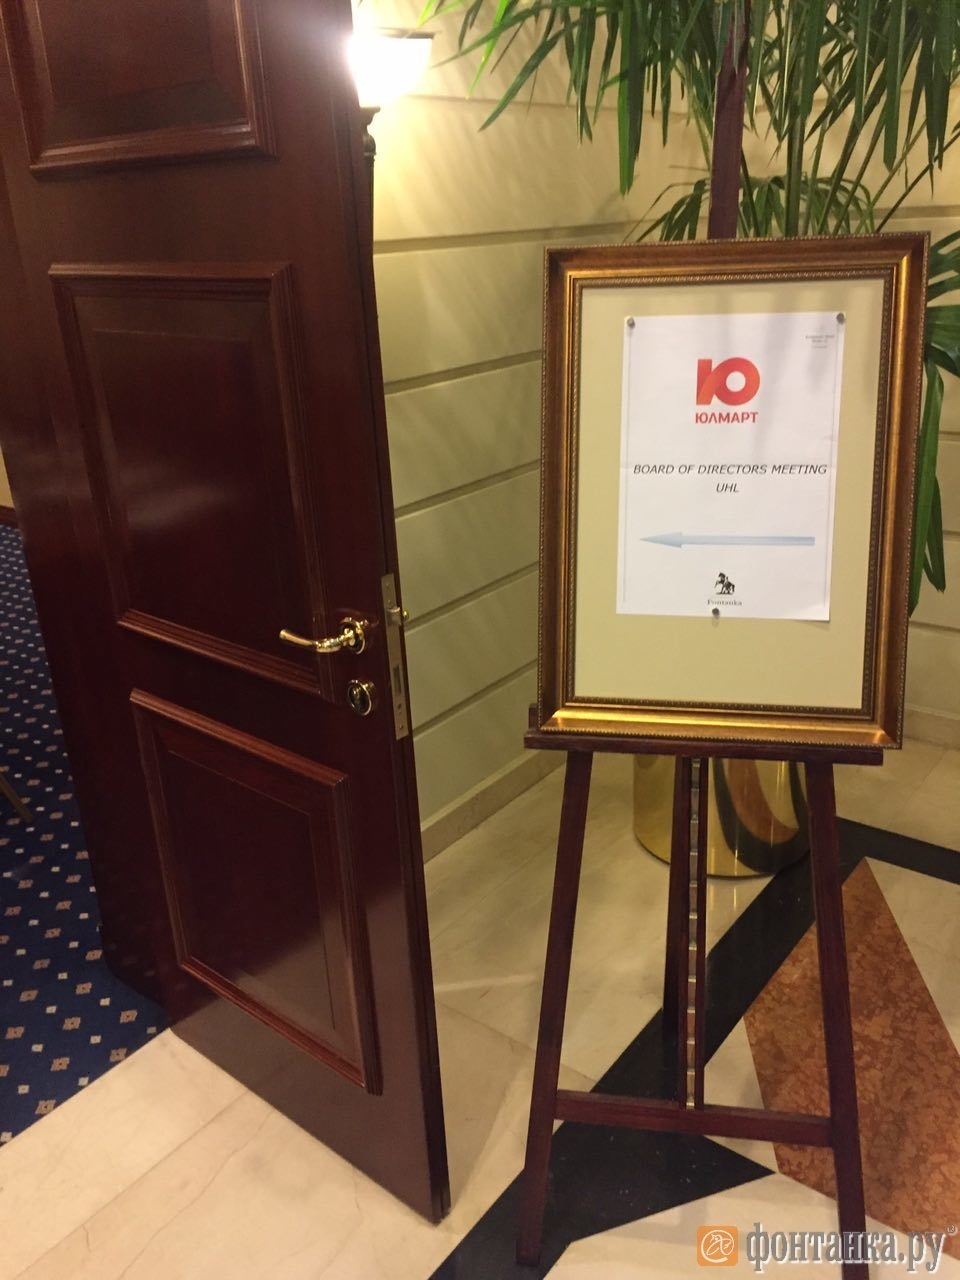 """Холл гостиницы """"Кемпински"""", 27 октября 2016 г."""